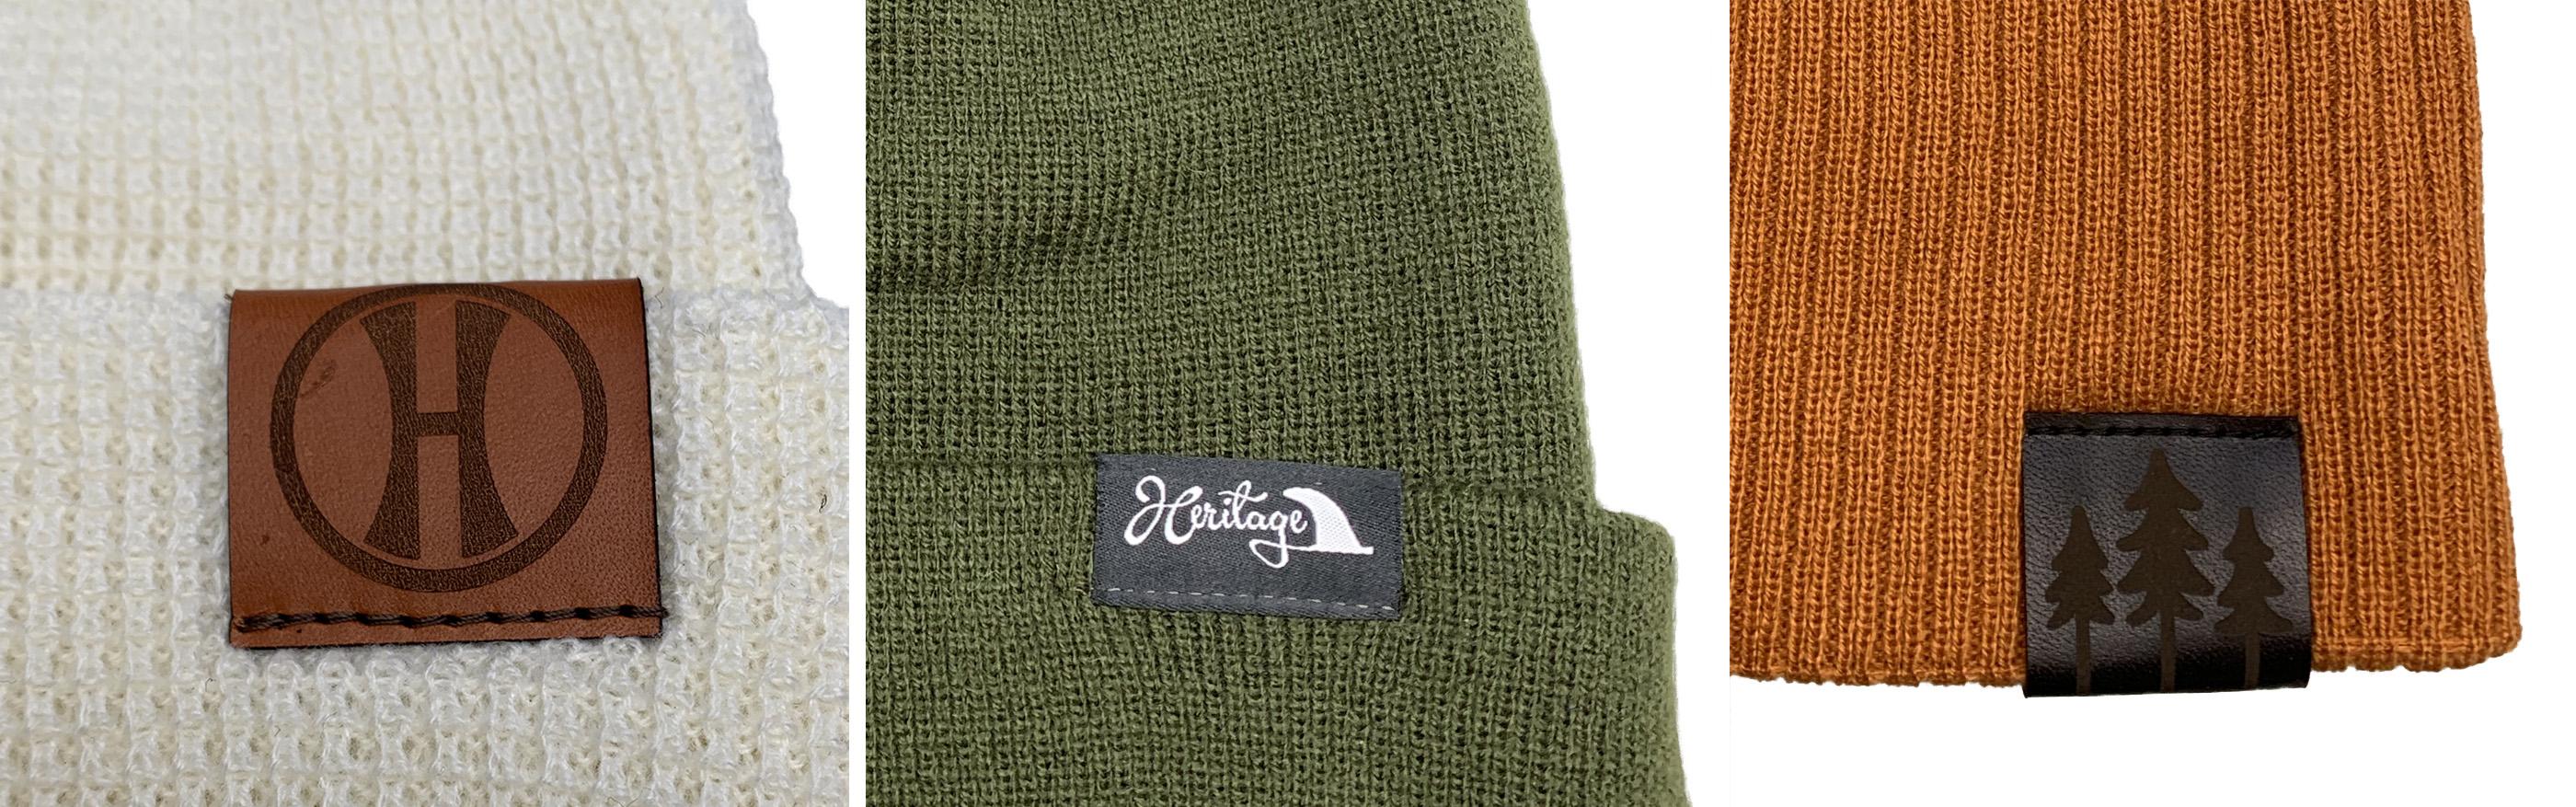 Pacific Headwear Beanie Clip Tags